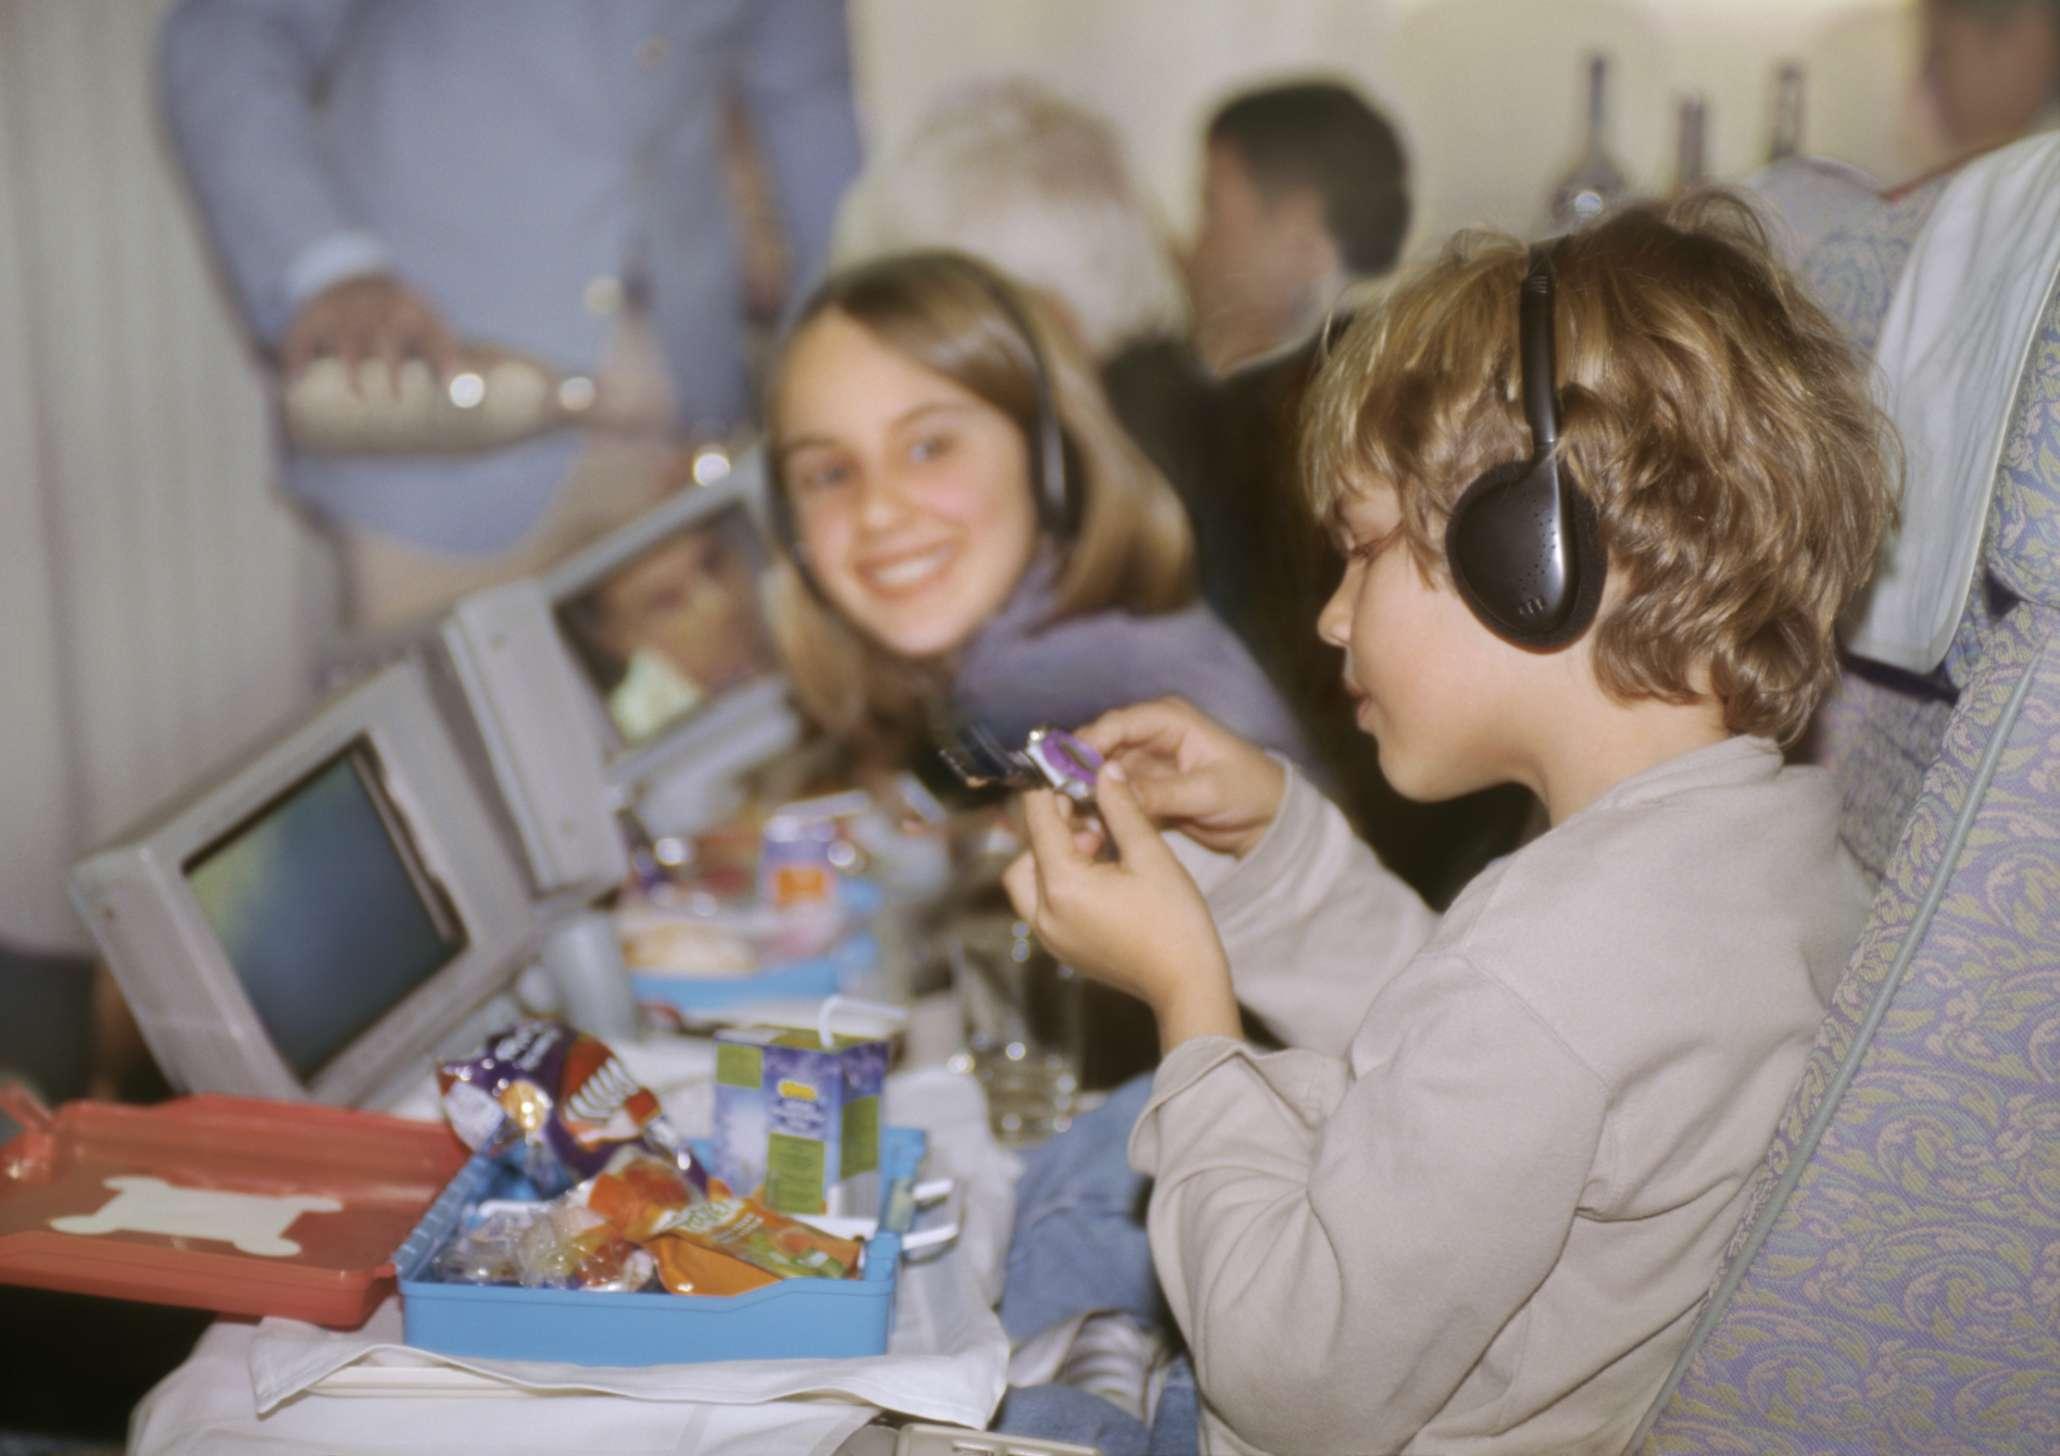 Children eating on plane